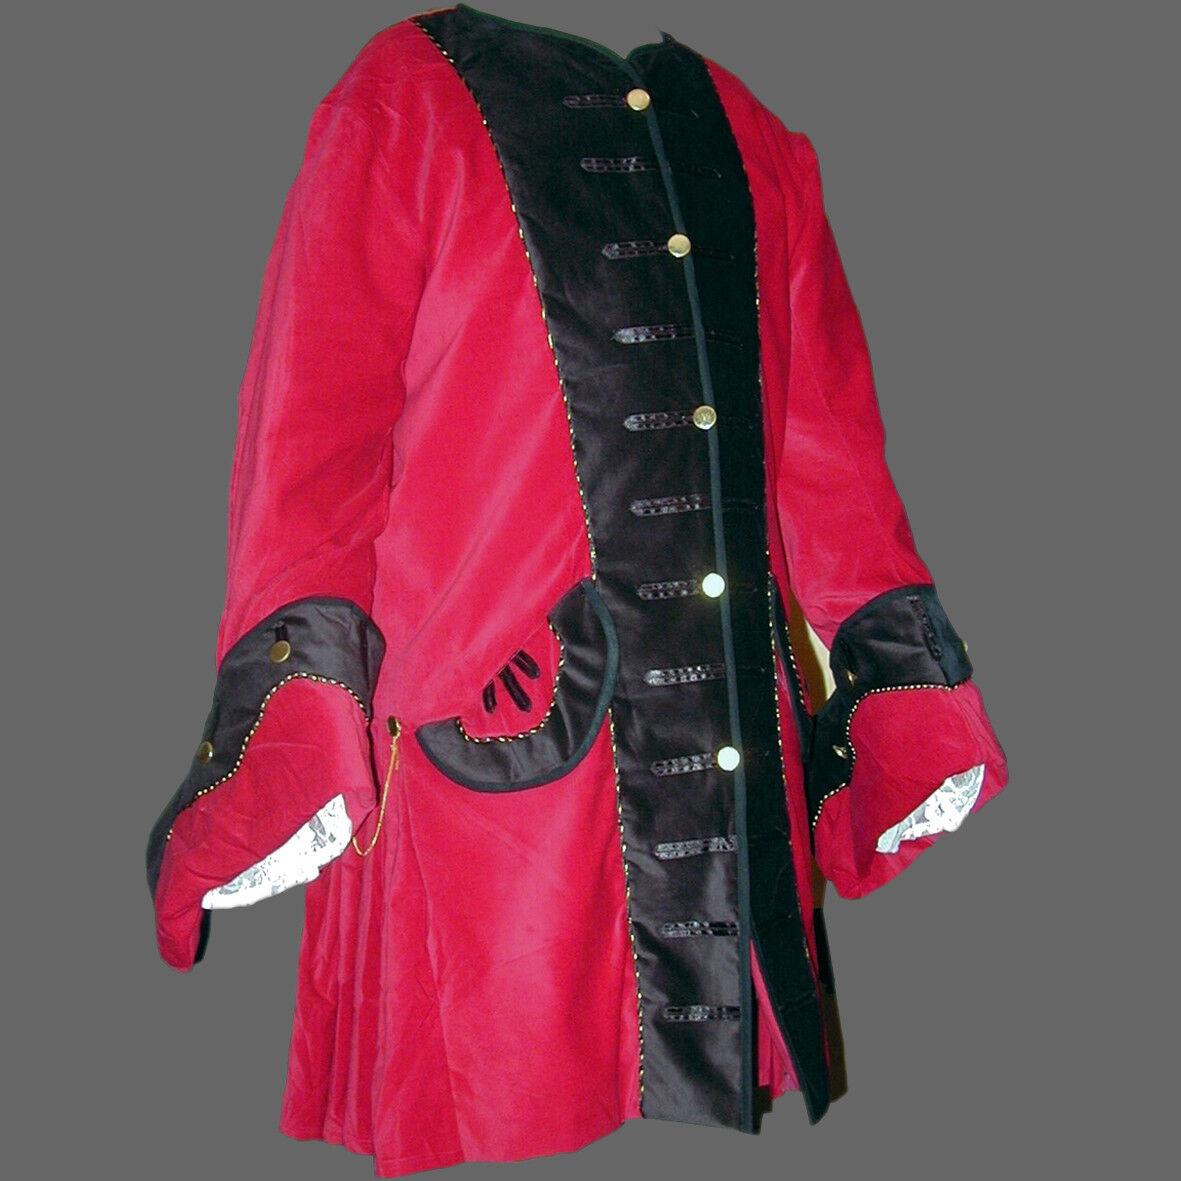 Pirates Pirates Pirates Veste 3 Couleurs Rouge ingote moyen âge Veste Femmeteau moyen âge Veste S-XXXL 54cad2